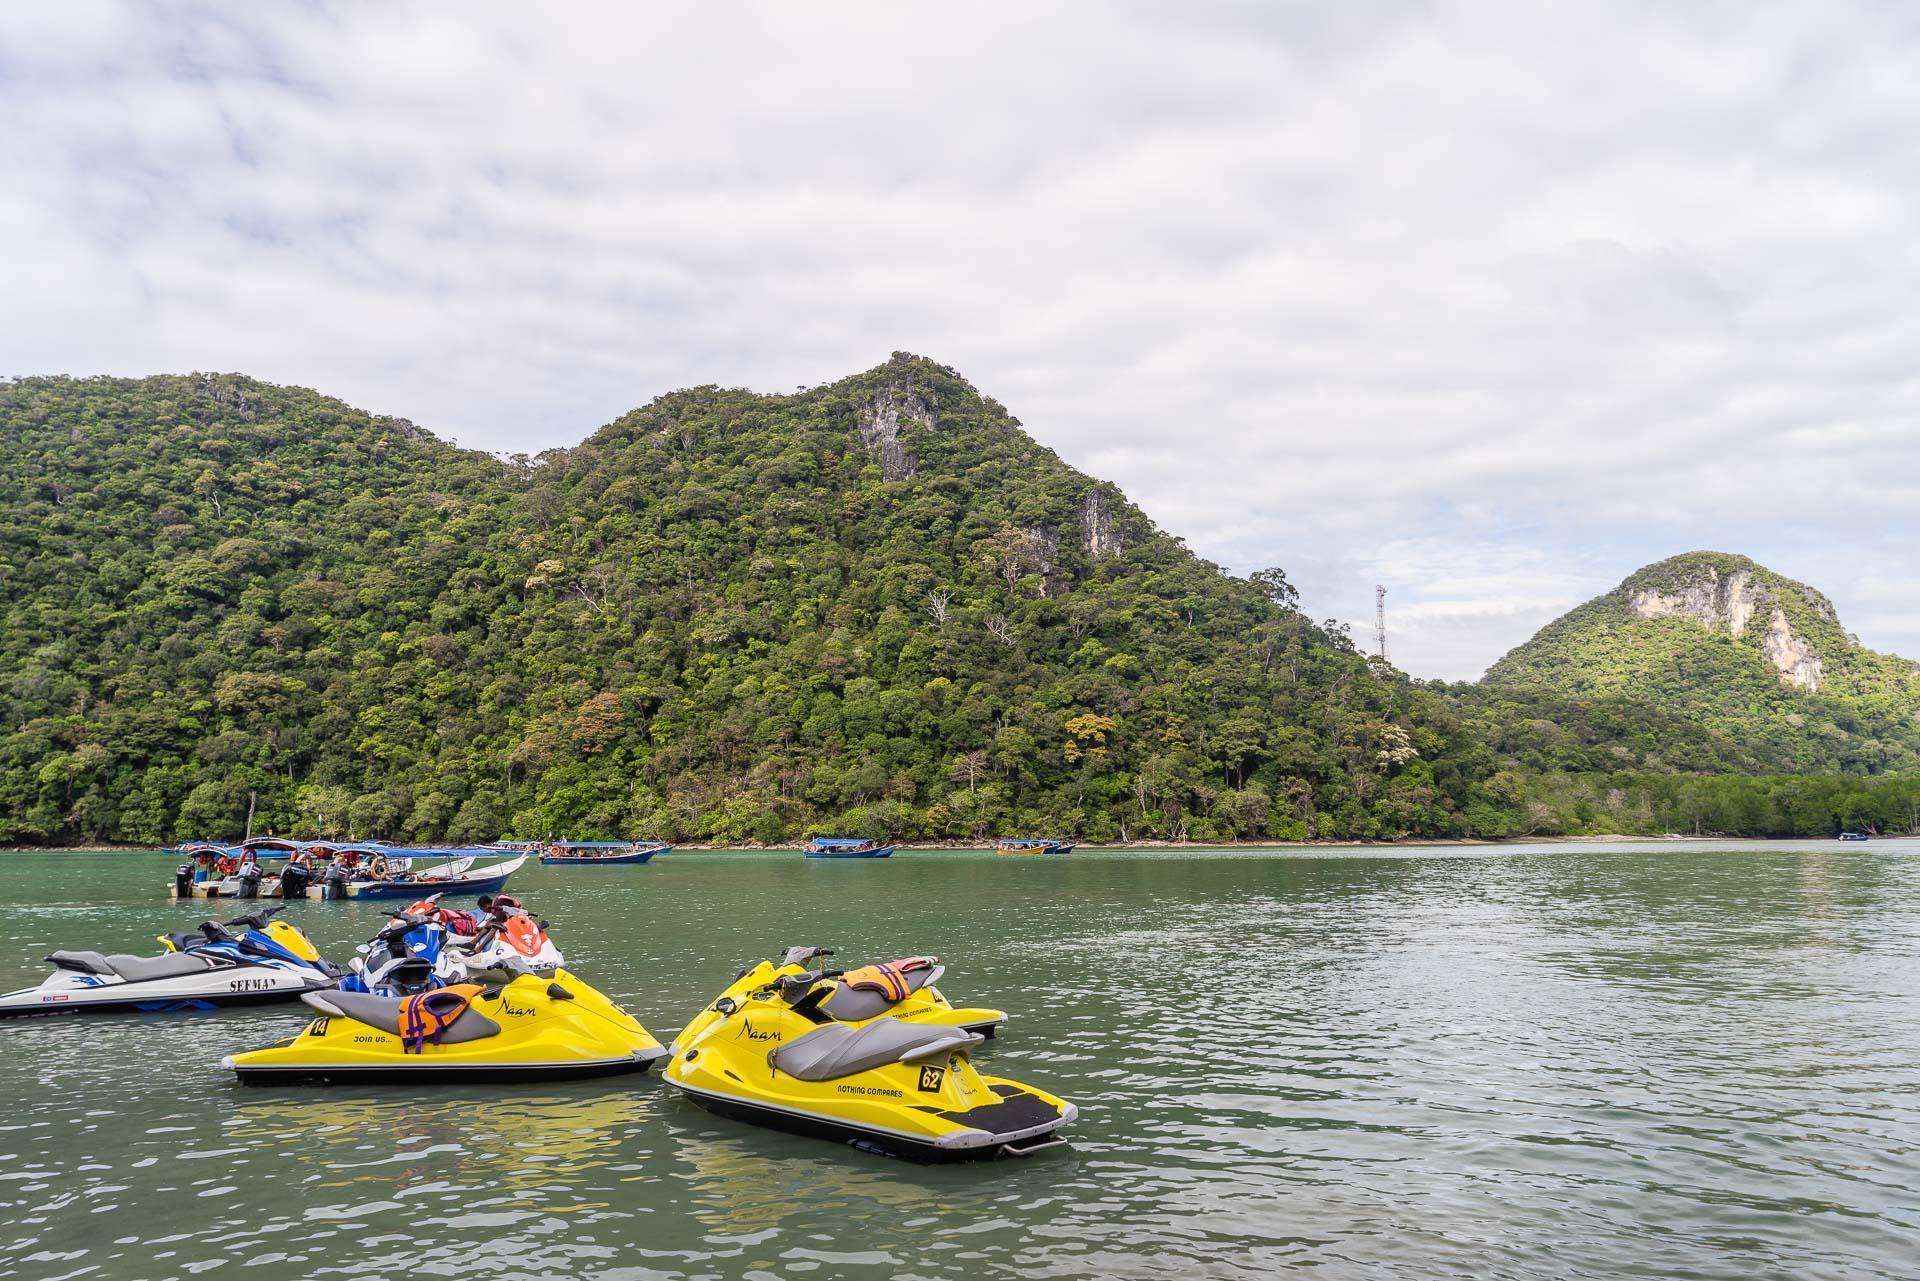 Lesvoyageuses-Malaisie-Langkawi-archipel-jet-ski-4